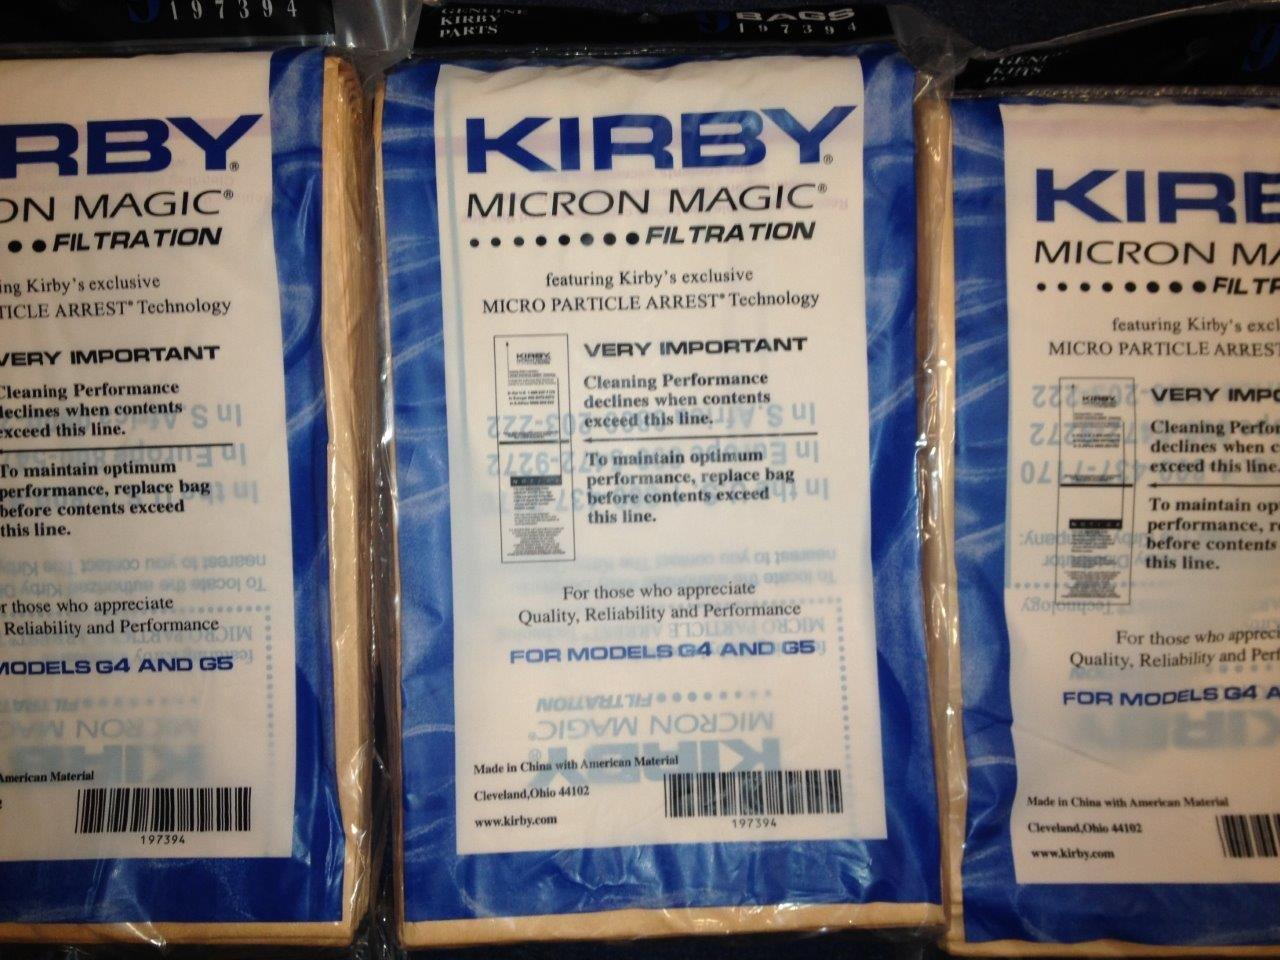 Acquisto Kirby sacchetti per aspirapolvere Micron Magic (9x) Prezzo offerta